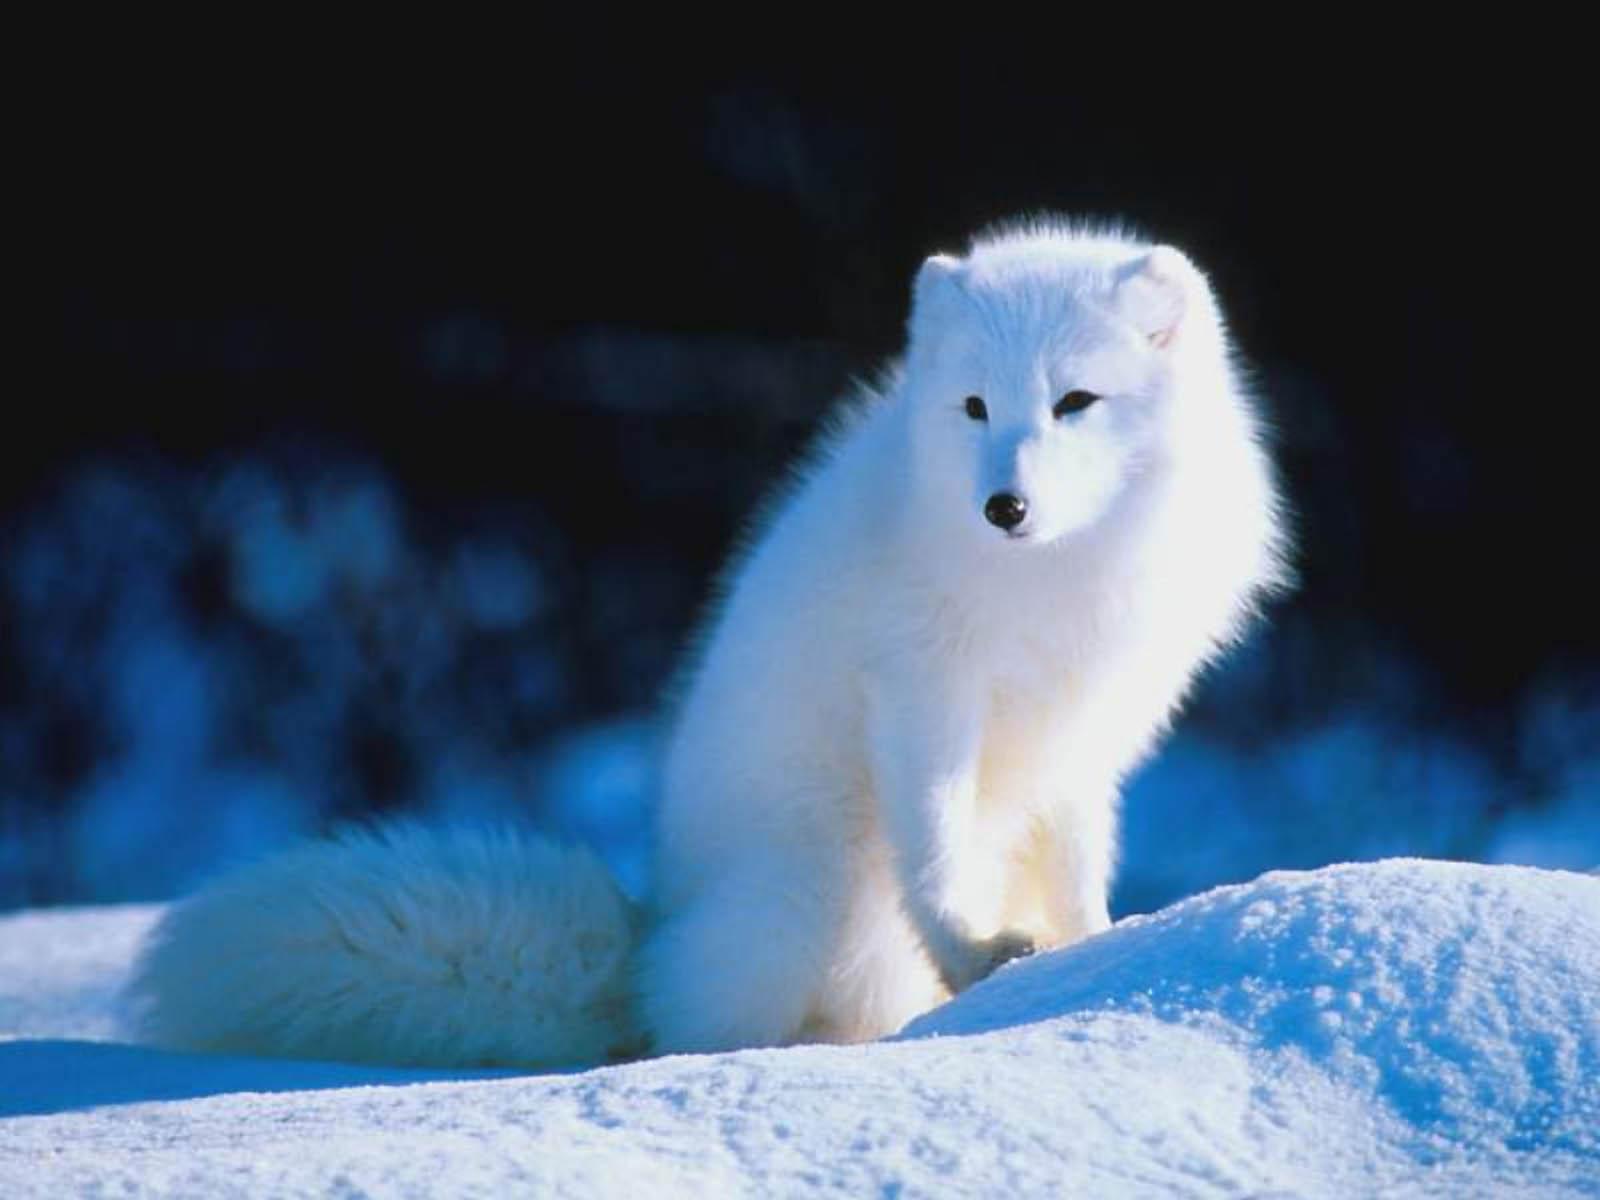 http://wallpup.com/wp-content/uploads/2013/03/Arctic-Fox-Wallpaper.jpg